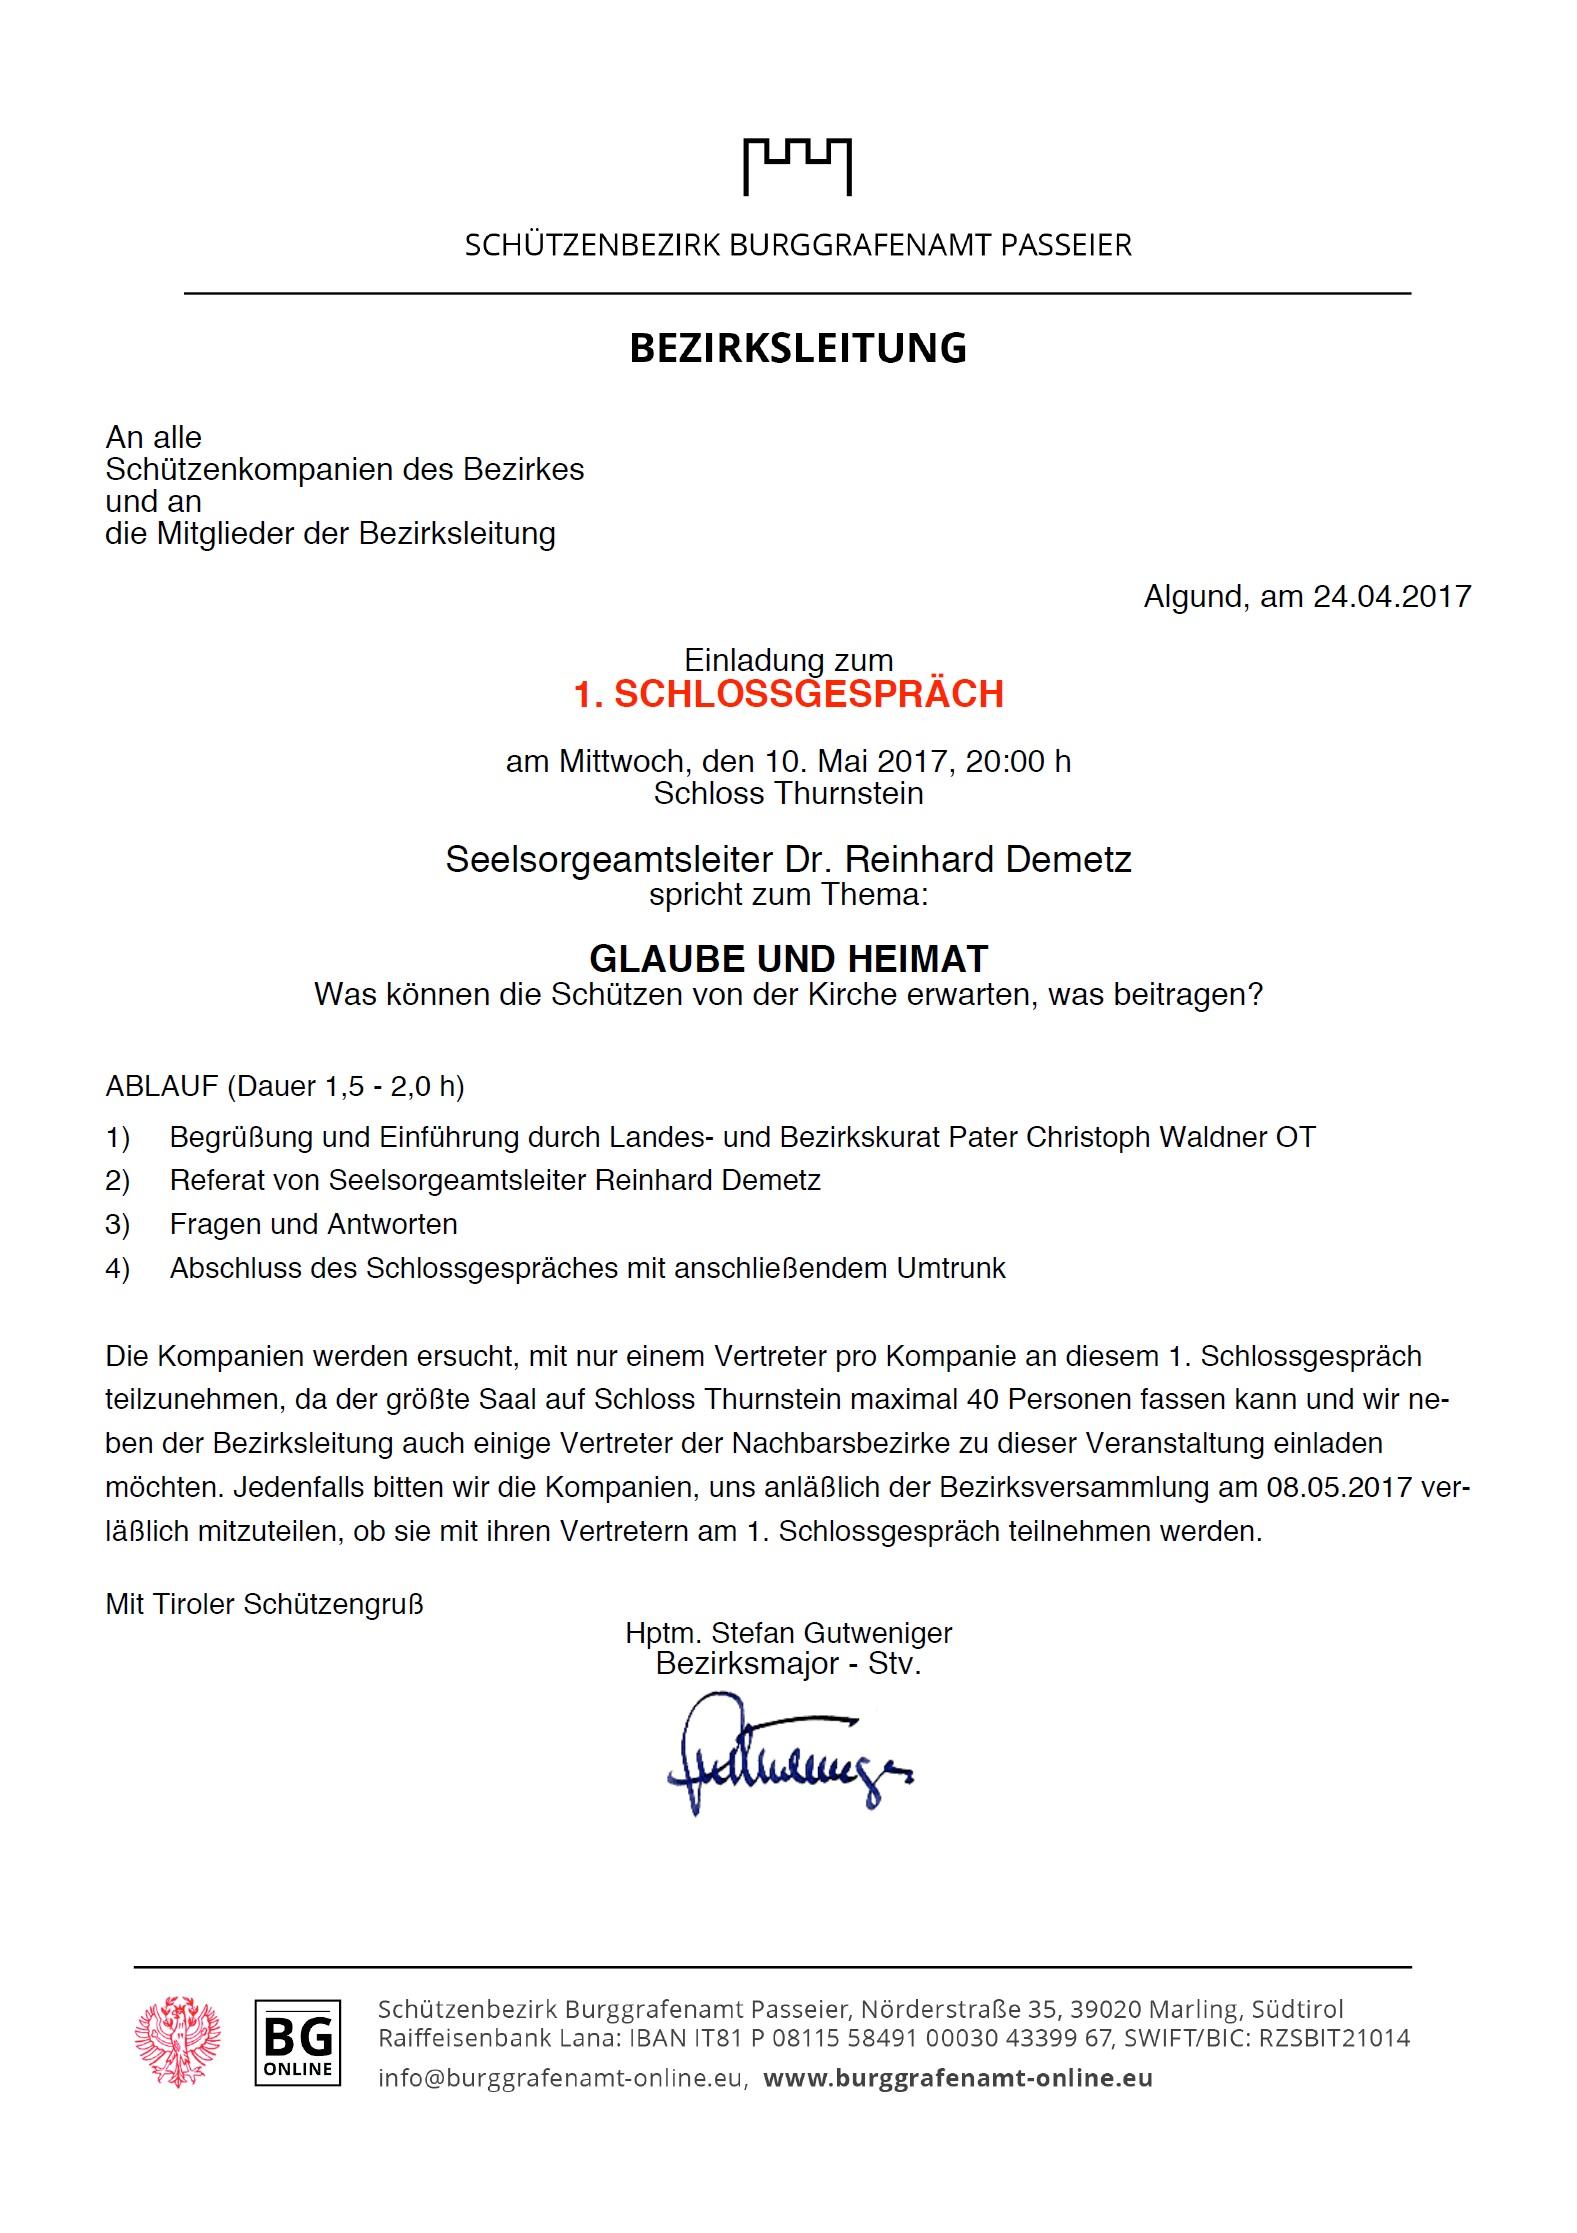 2017.05.10 - 1. Schlossgespräch auf Schloss Thurnstein